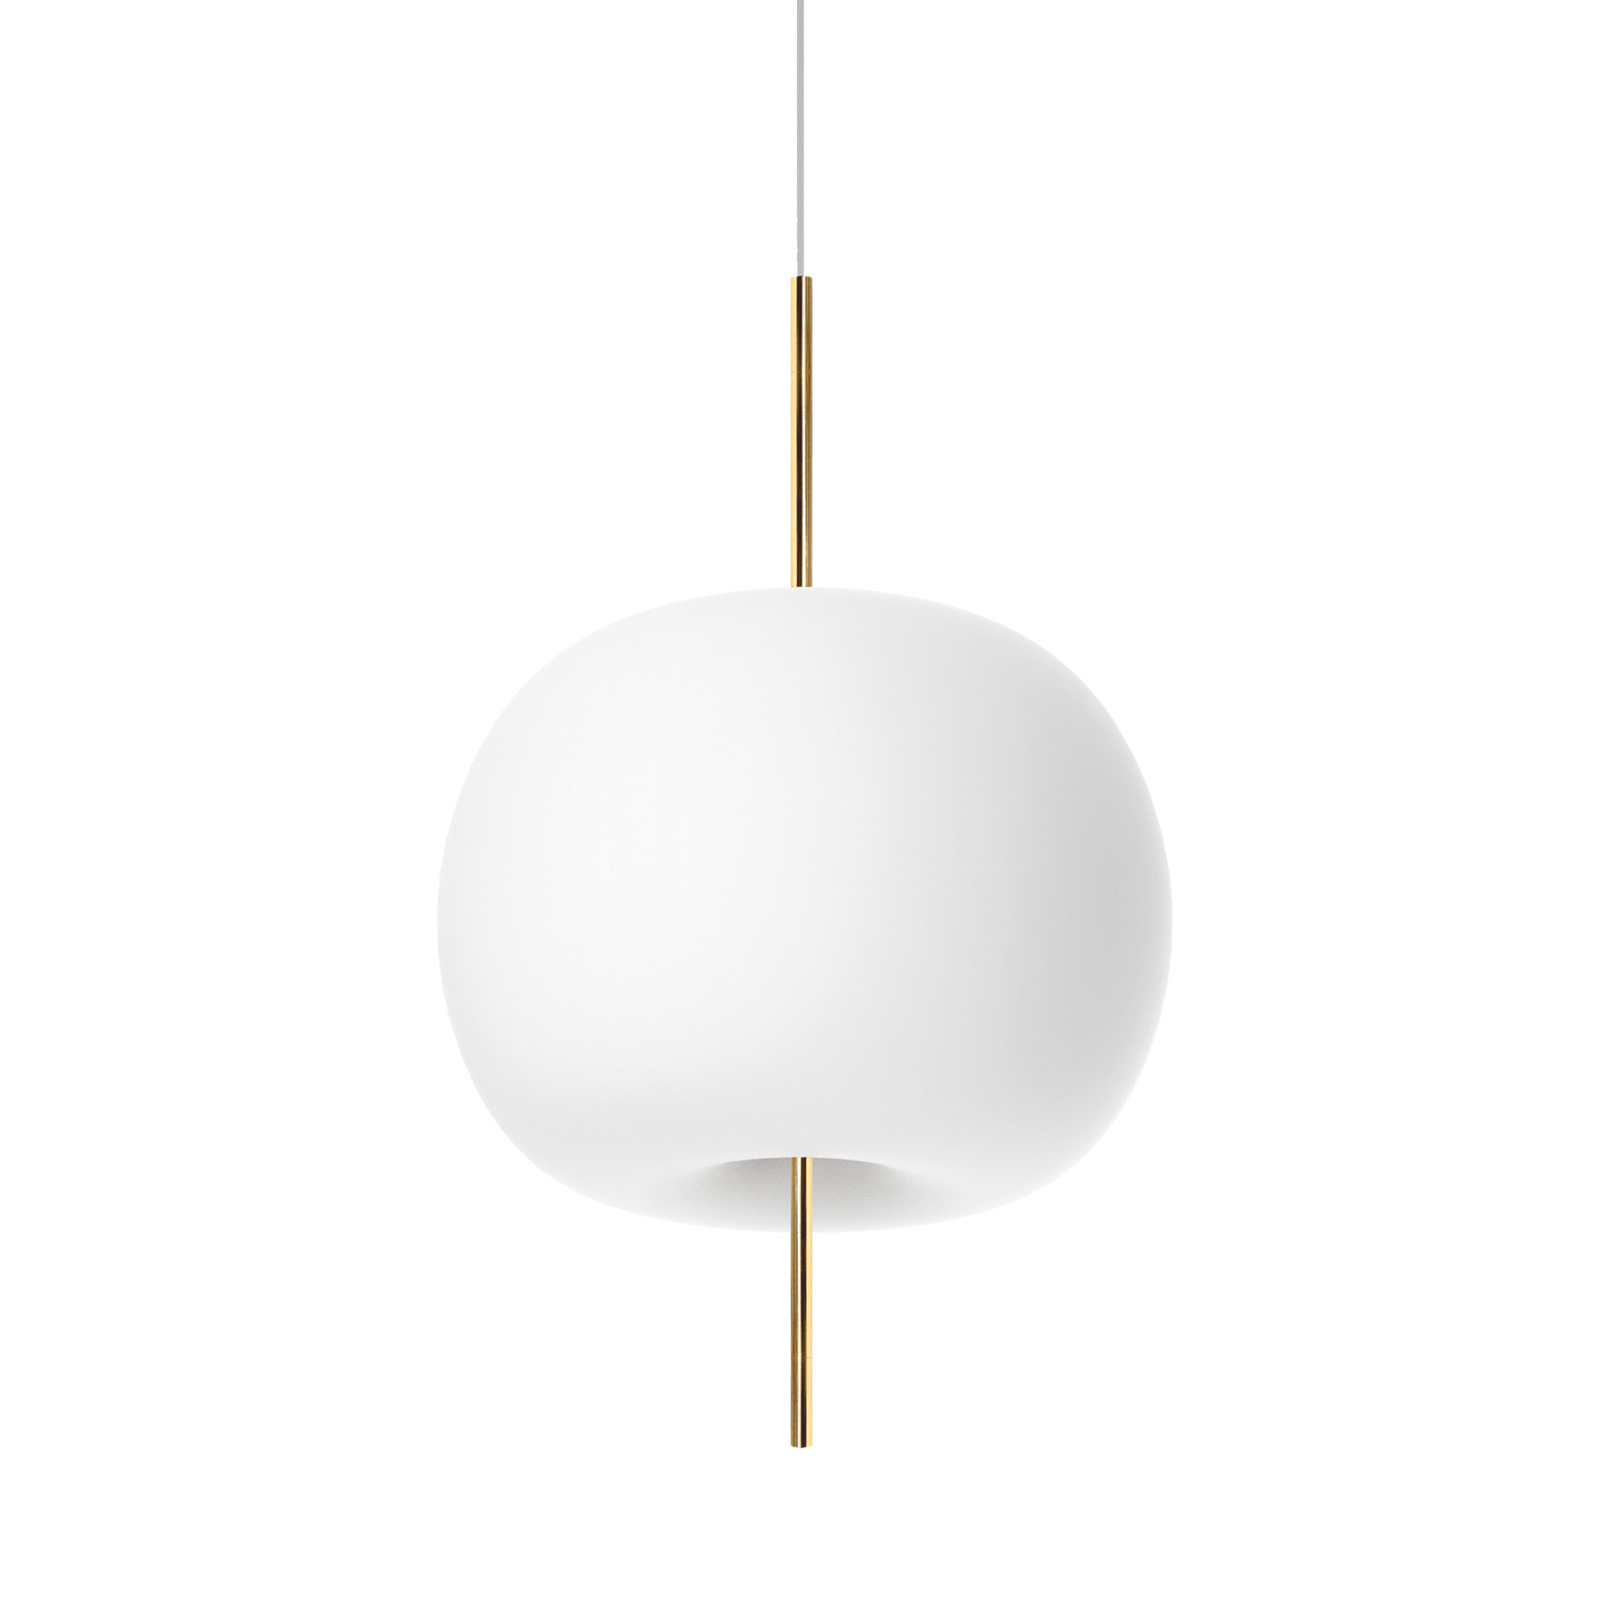 Kundalini Kushi lampa wisząca Ø 33cm mosiądz/biała